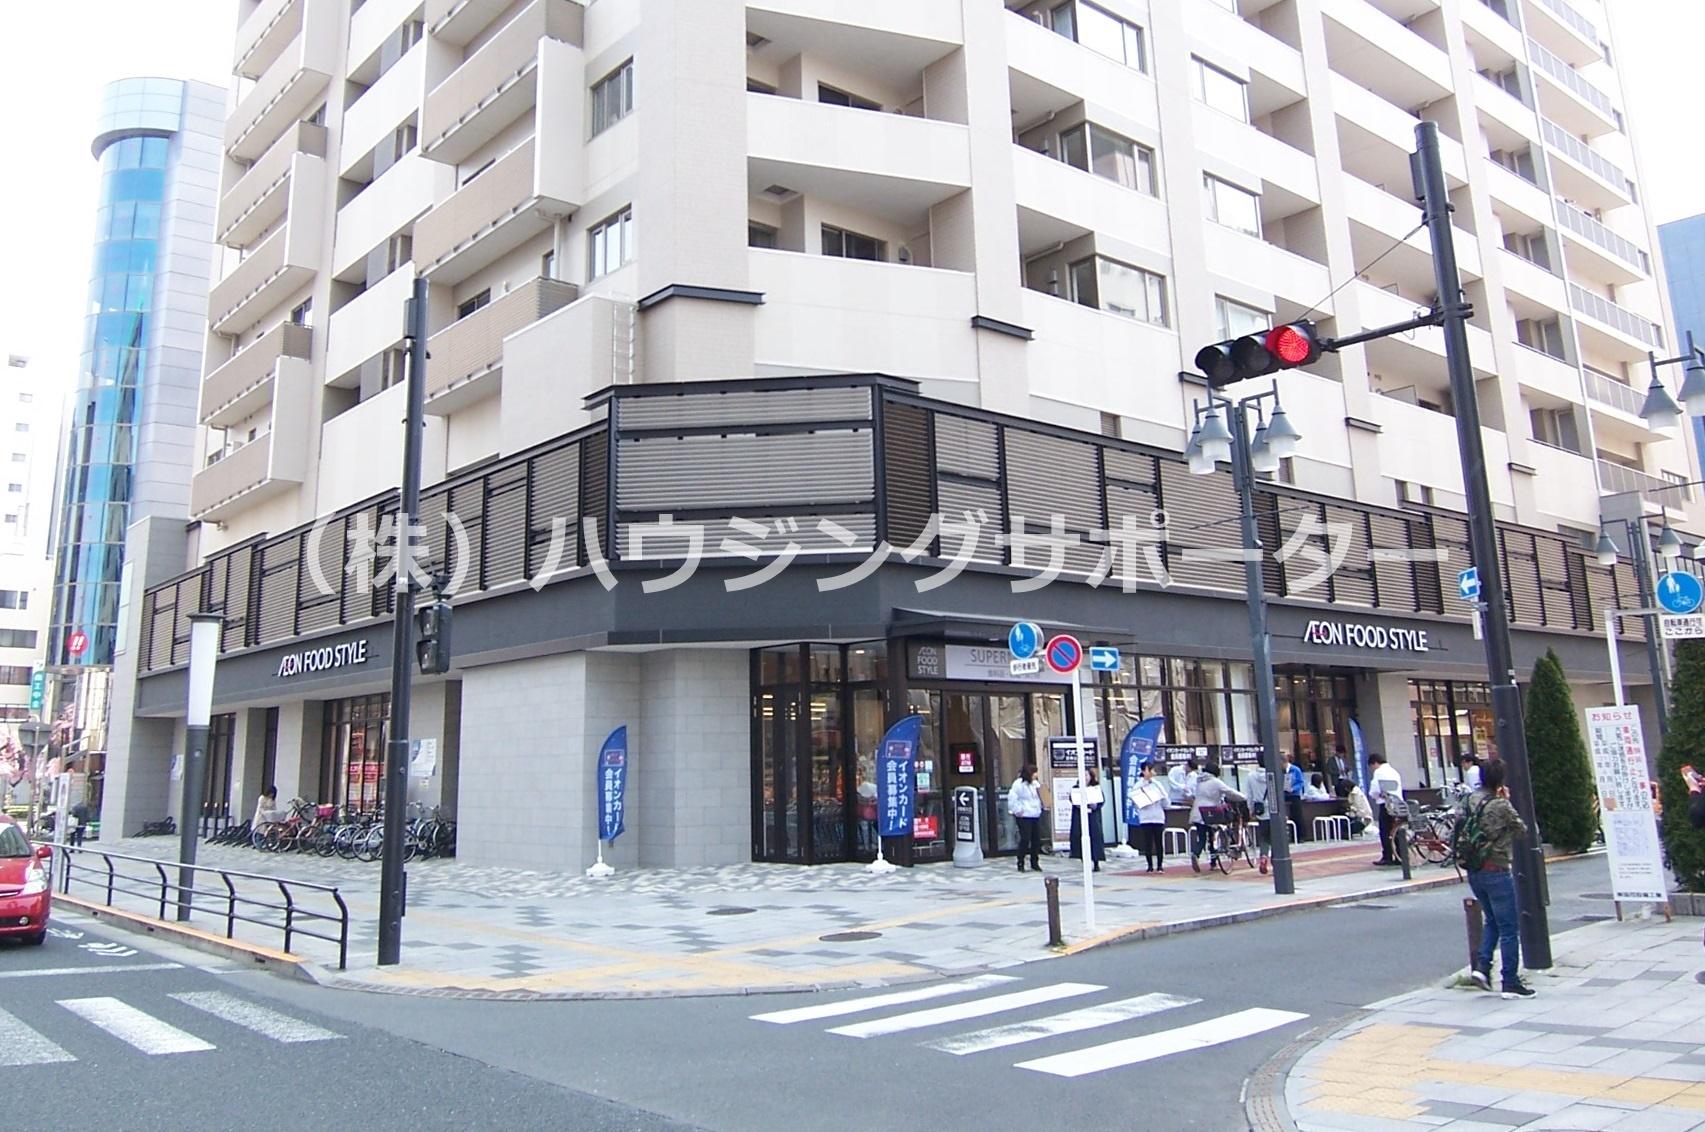 スーパー:イオンフードスタイル八王子店 408m